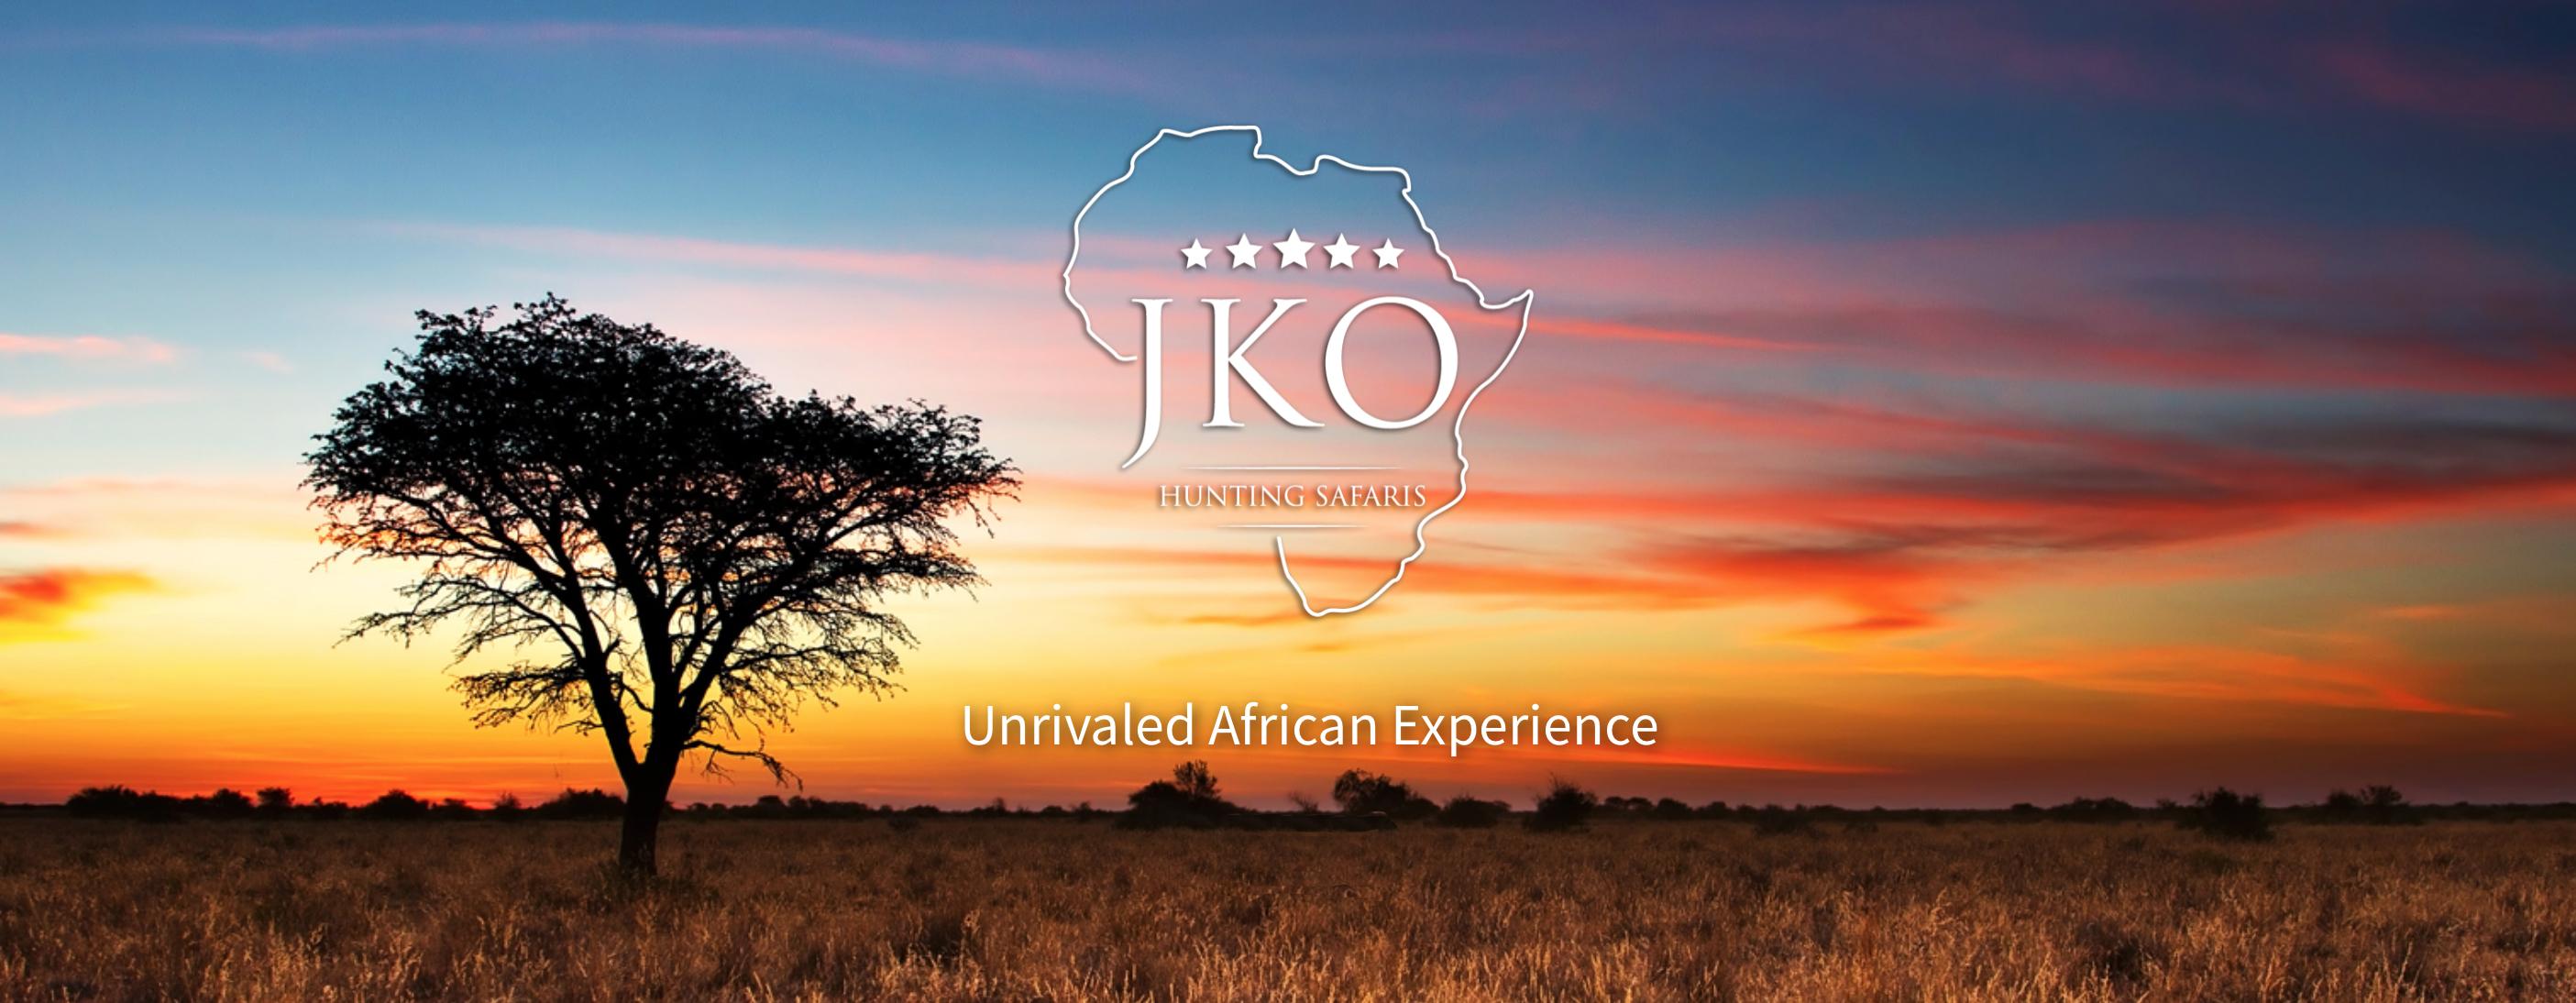 jko-hunting-safaris.jpg